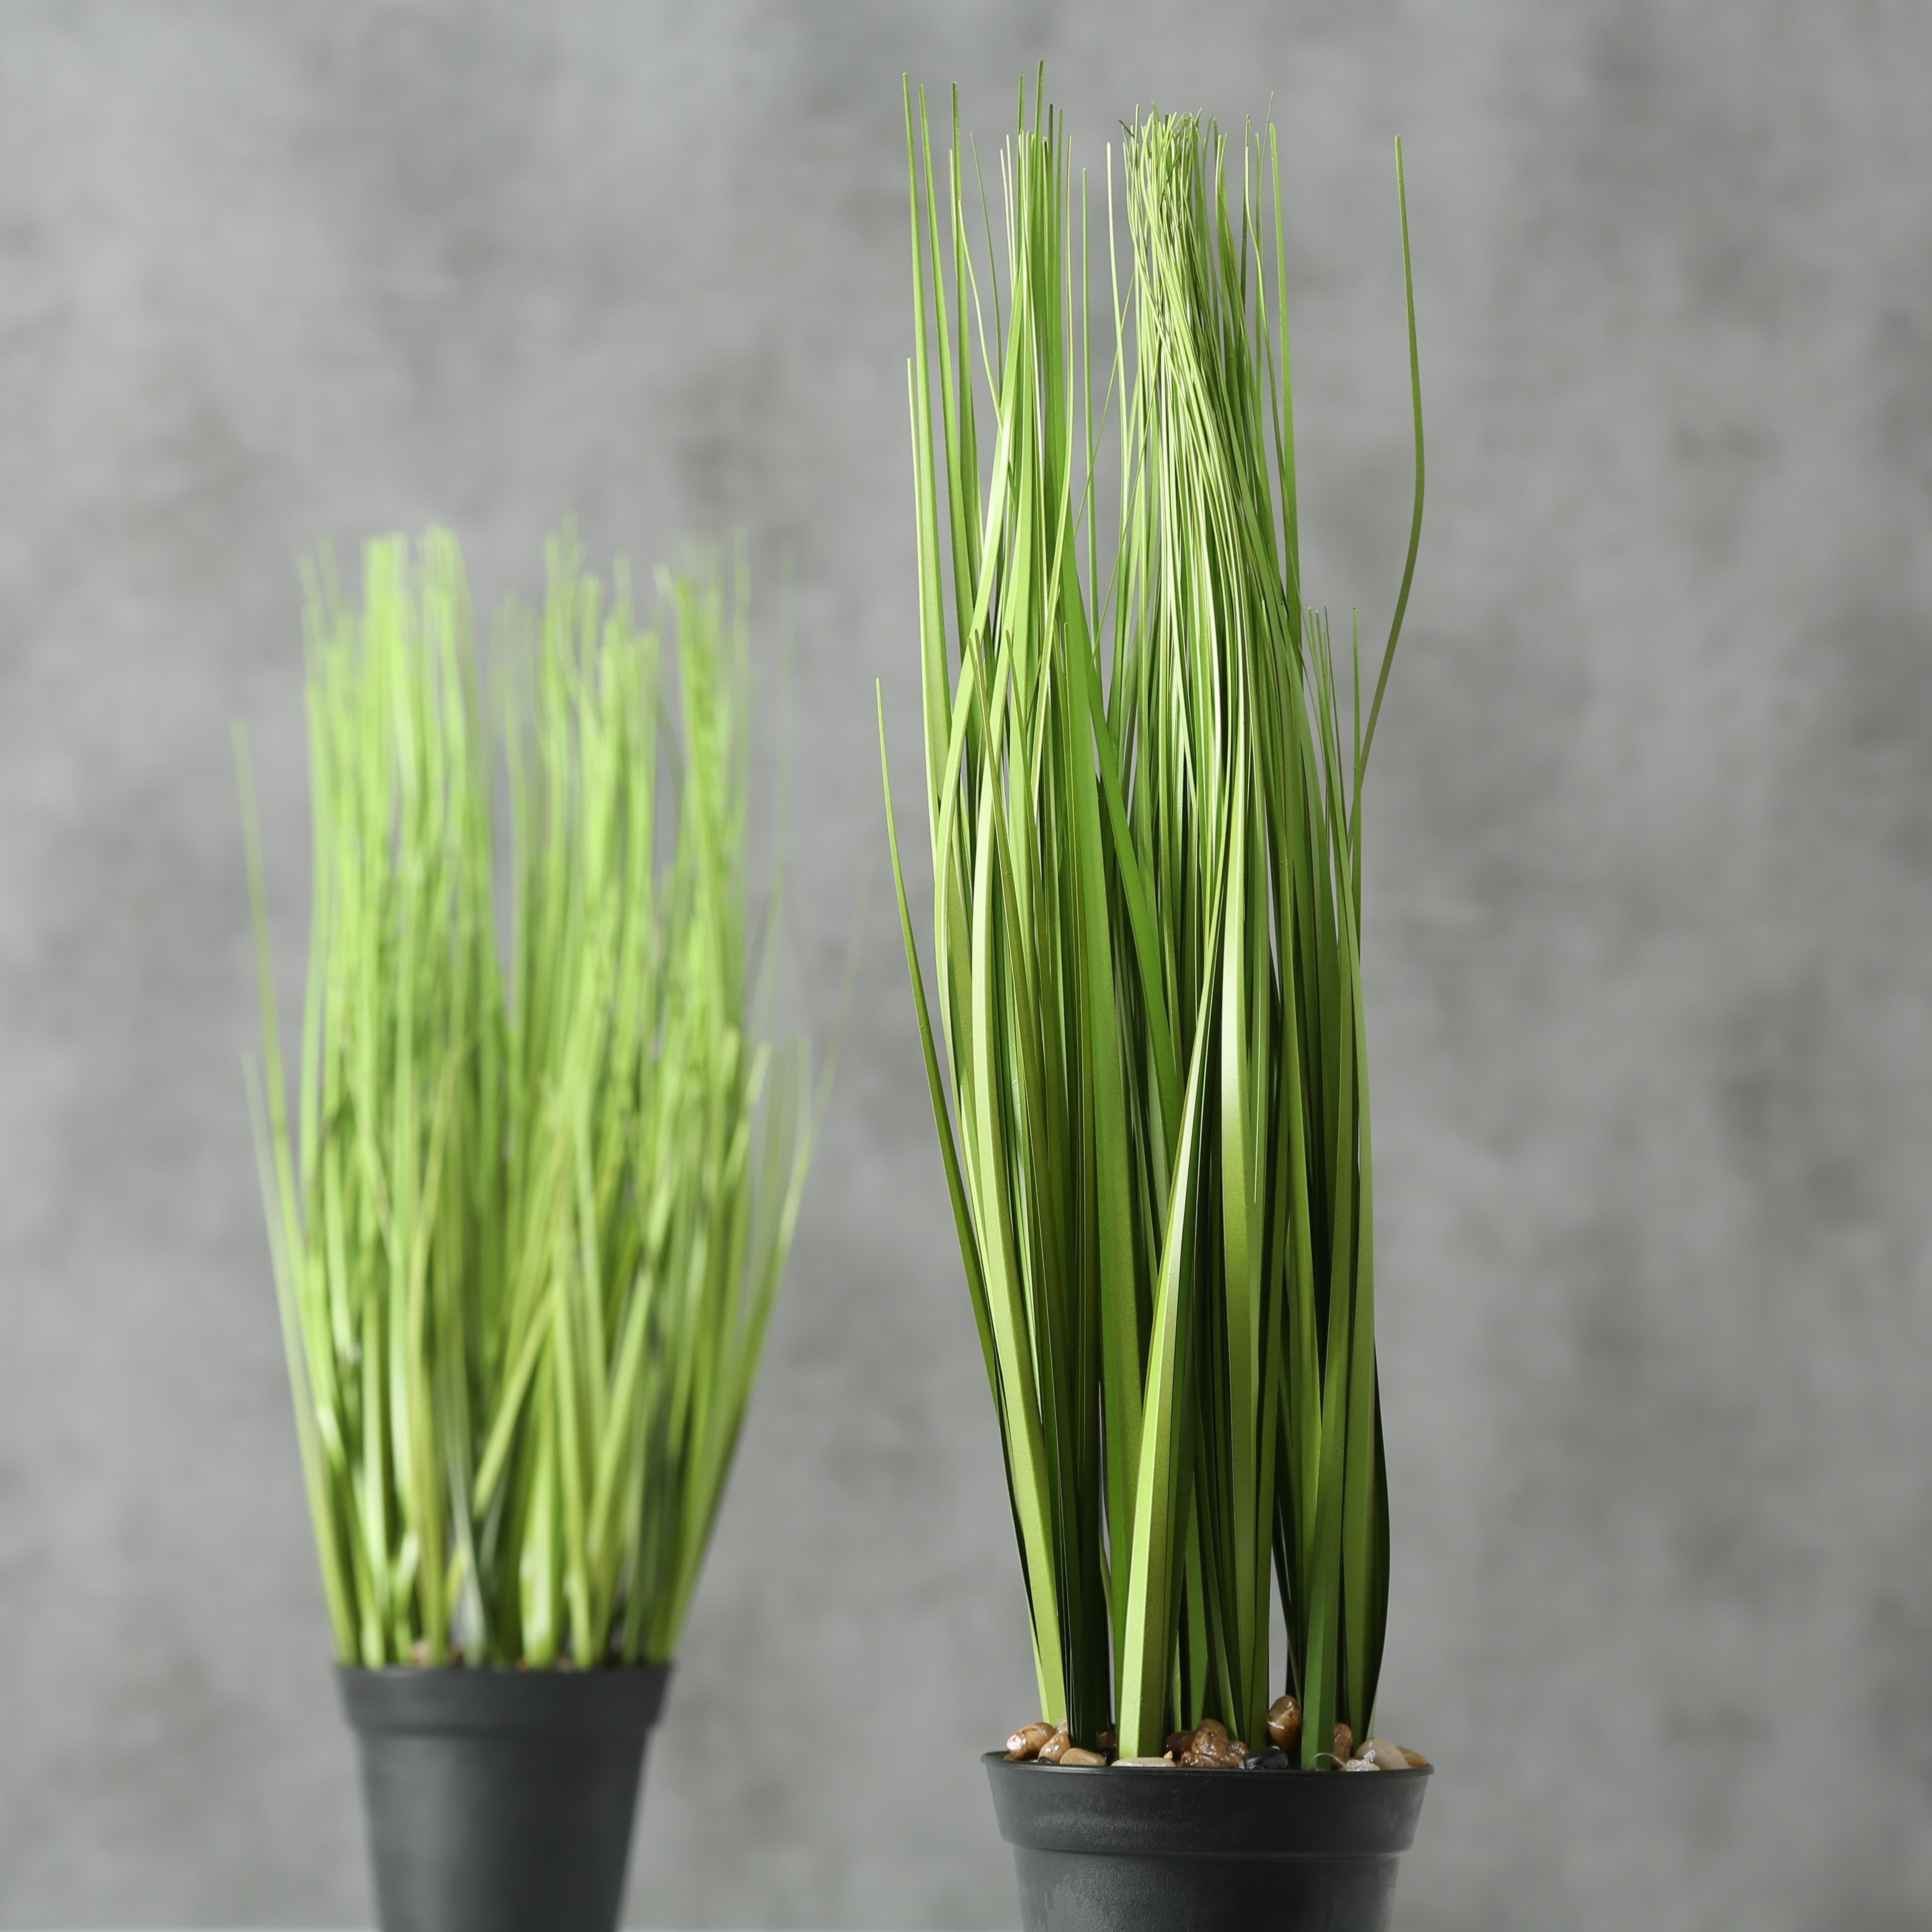 Planta artificiala in ghiveci Grass Verde / Negru, Modele Asortate, H54 cm